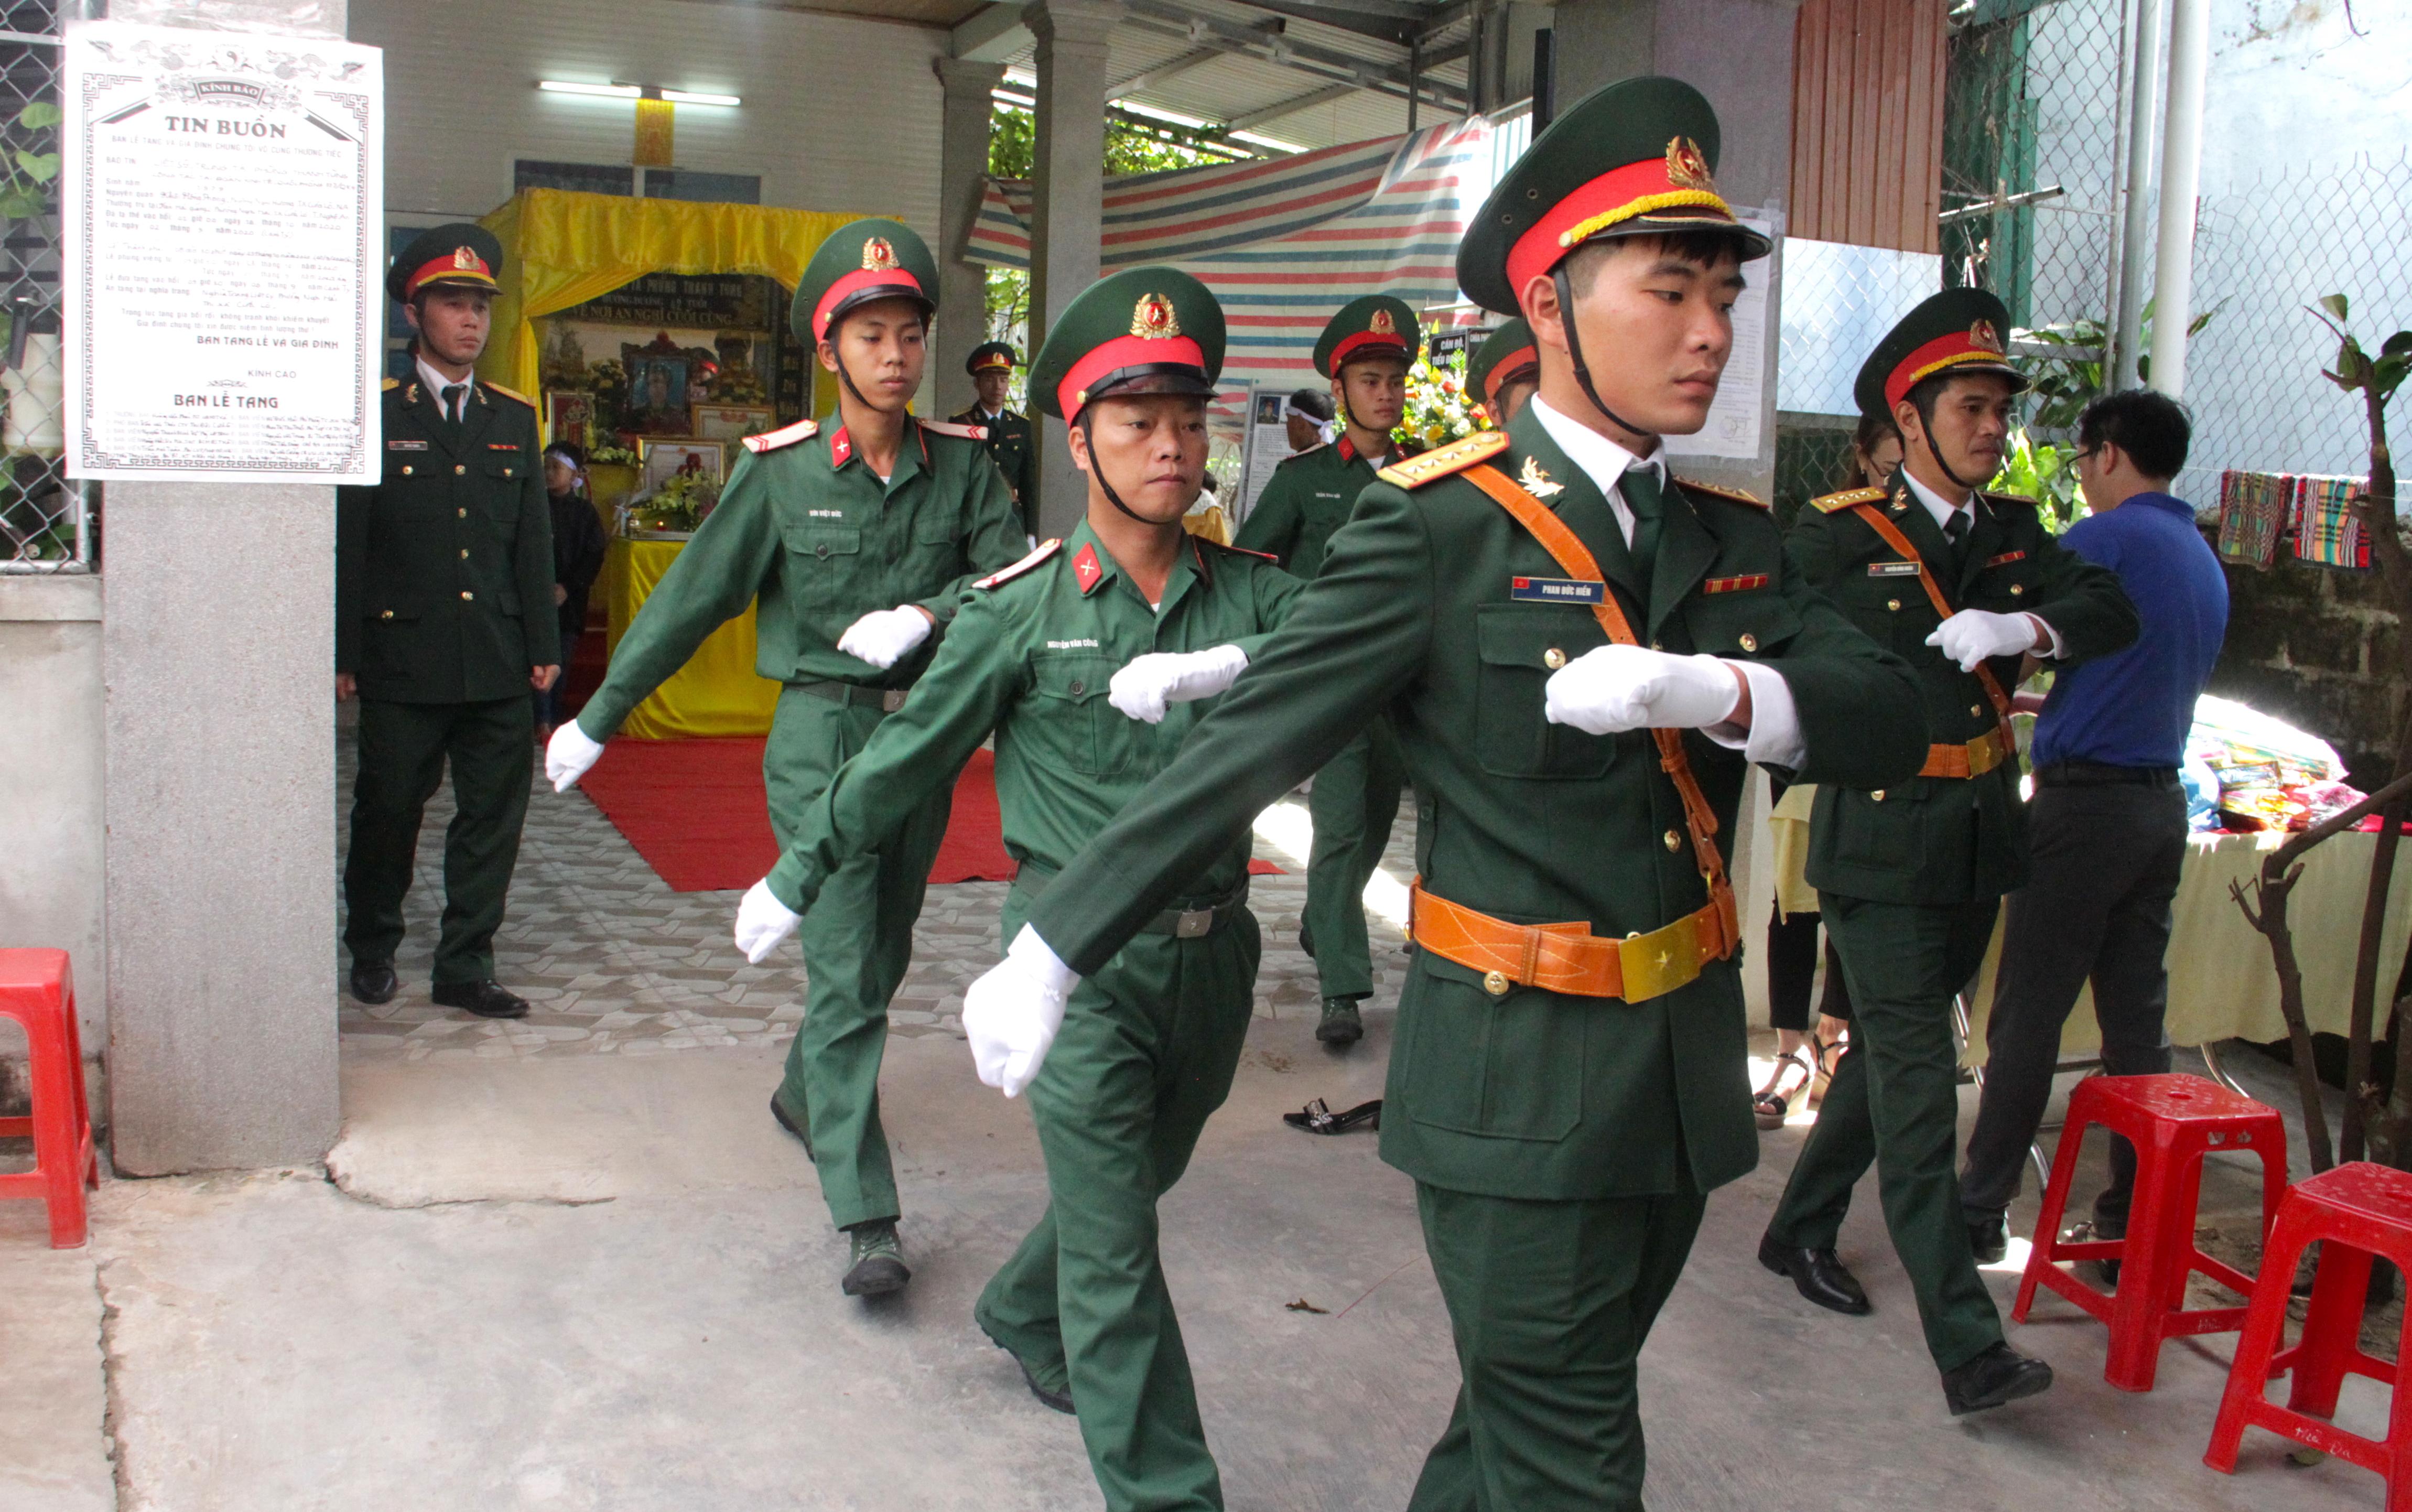 Nước mắt tiễn biệt liệt sỹ Đoàn 337 bị vùi lấp ở Quảng Trị: Nào ngờ con đi không về nữa - Ảnh 1.